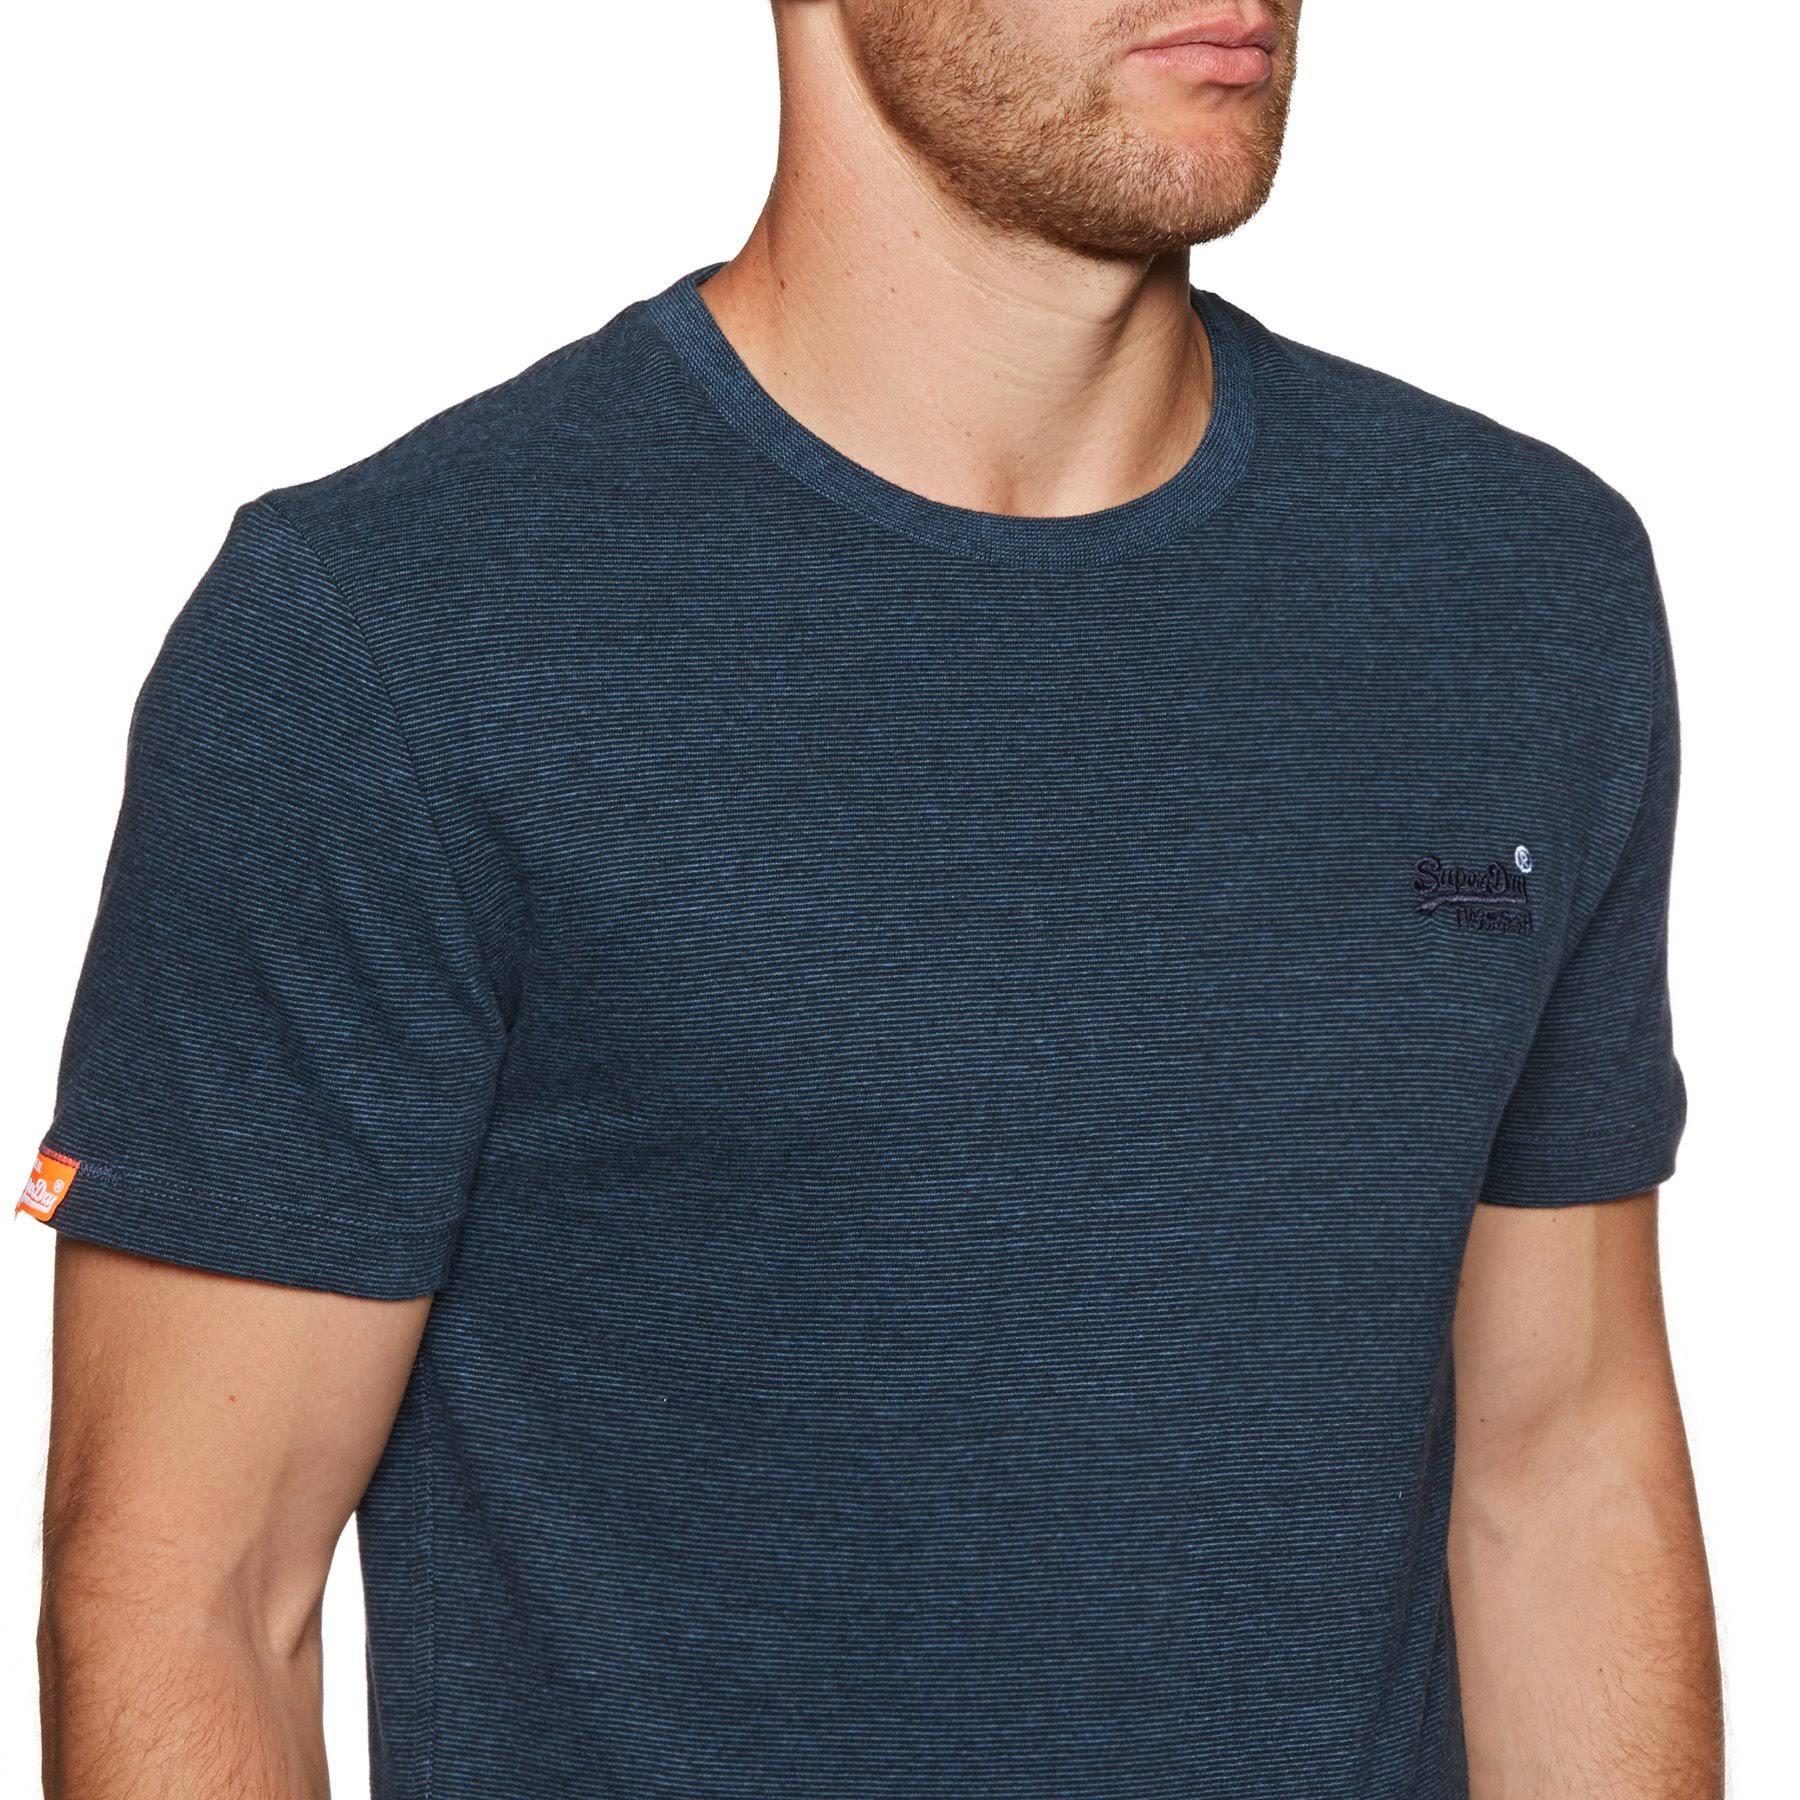 Größe Stickerei shirt Grau Orange T S Herren Superdry Label Vintage PFFgv